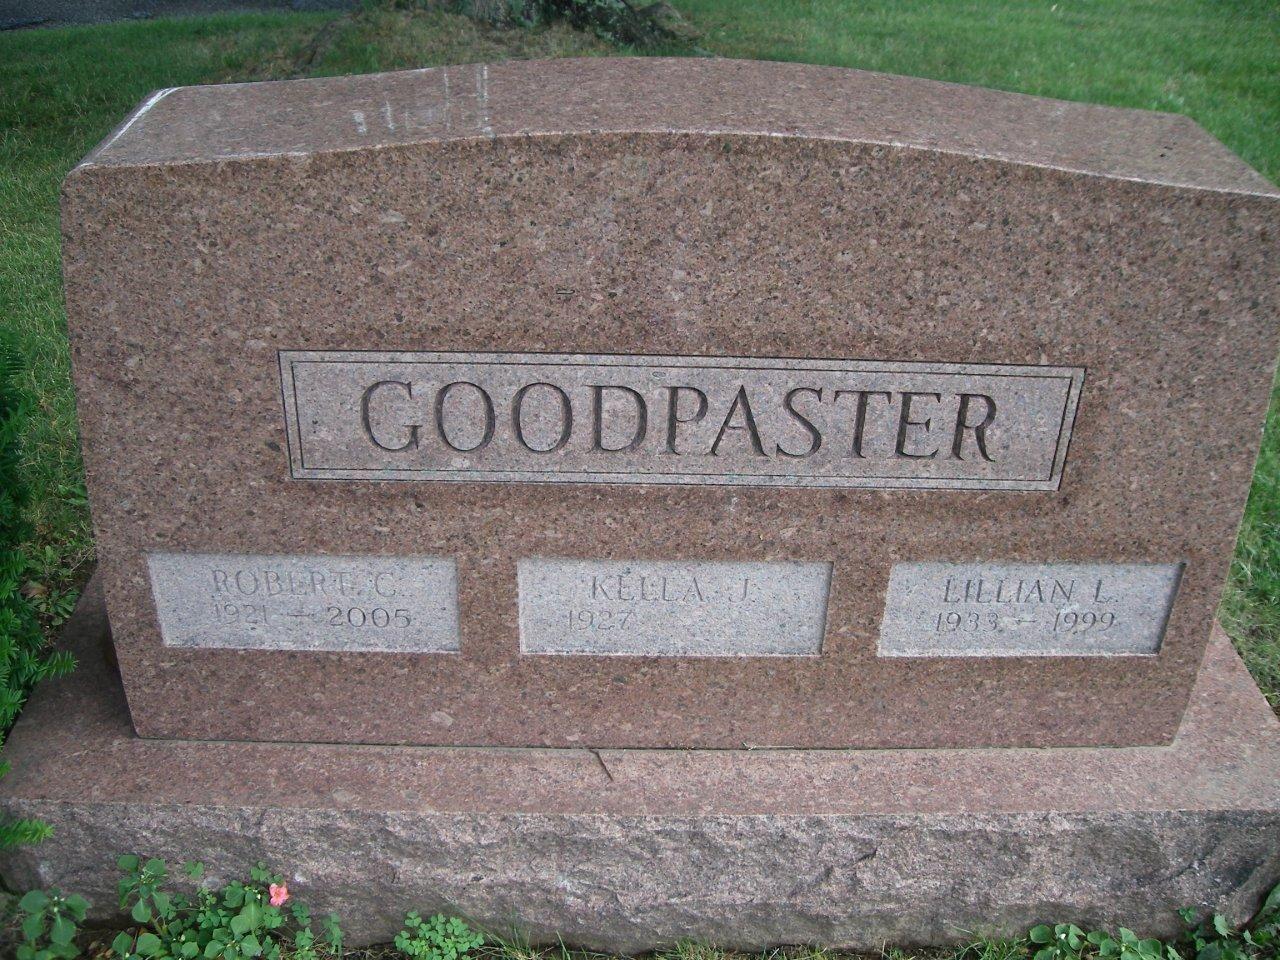 J M Goodpastor